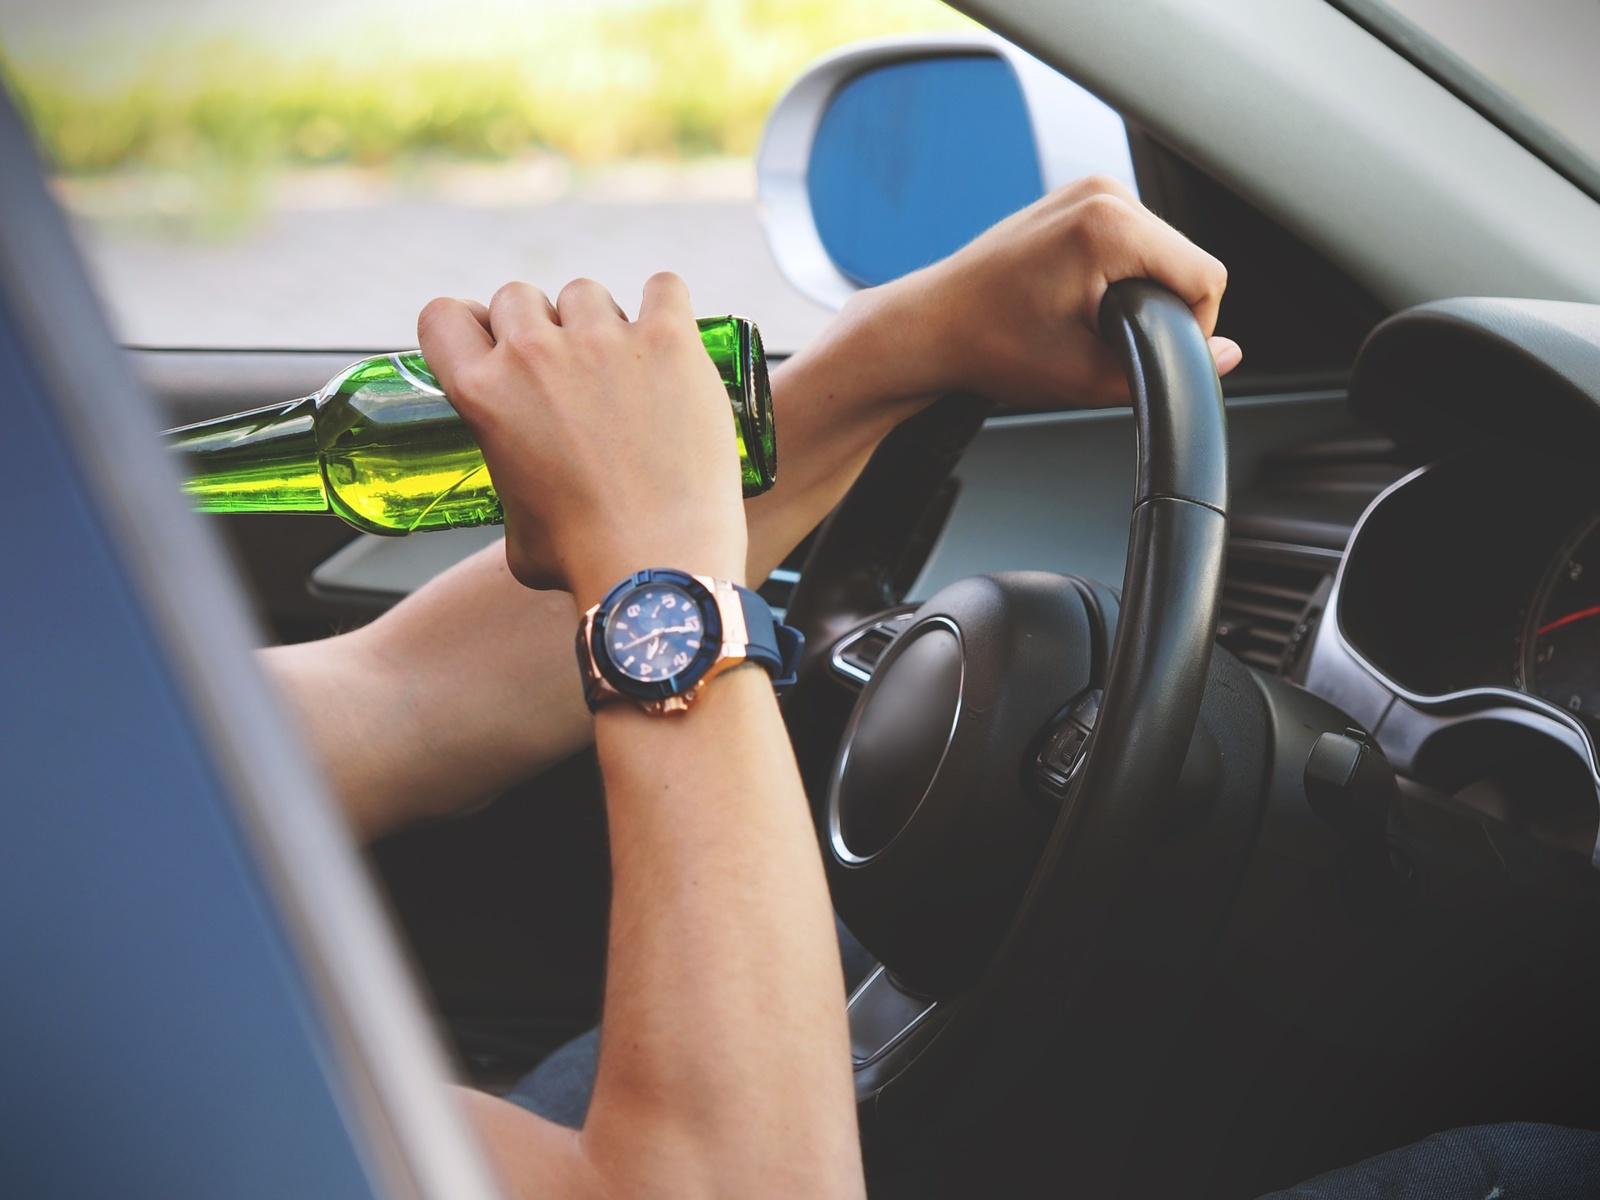 Pašalinė veikla vairuojant pavojinga visiems eismo dalyviams